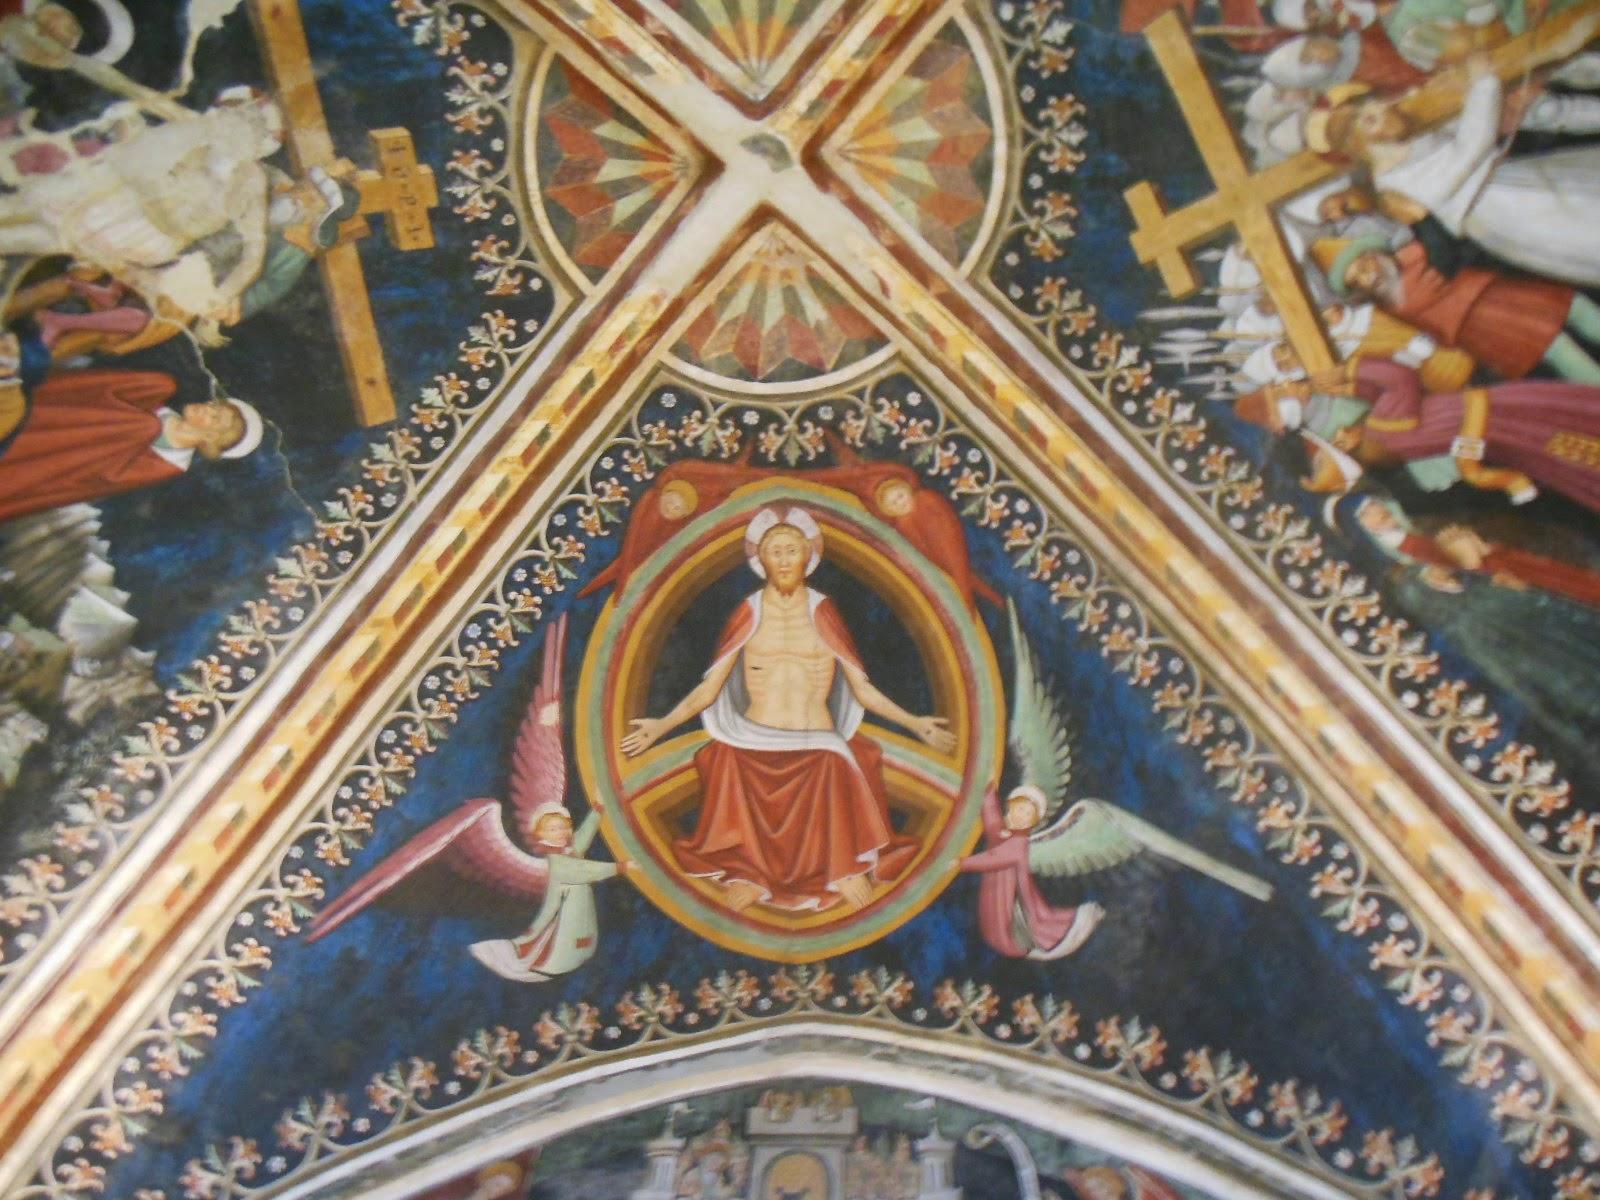 La 'Regina Montis Regalis': Nuestra Señora de Mondovi, Italia (30 de octubre)